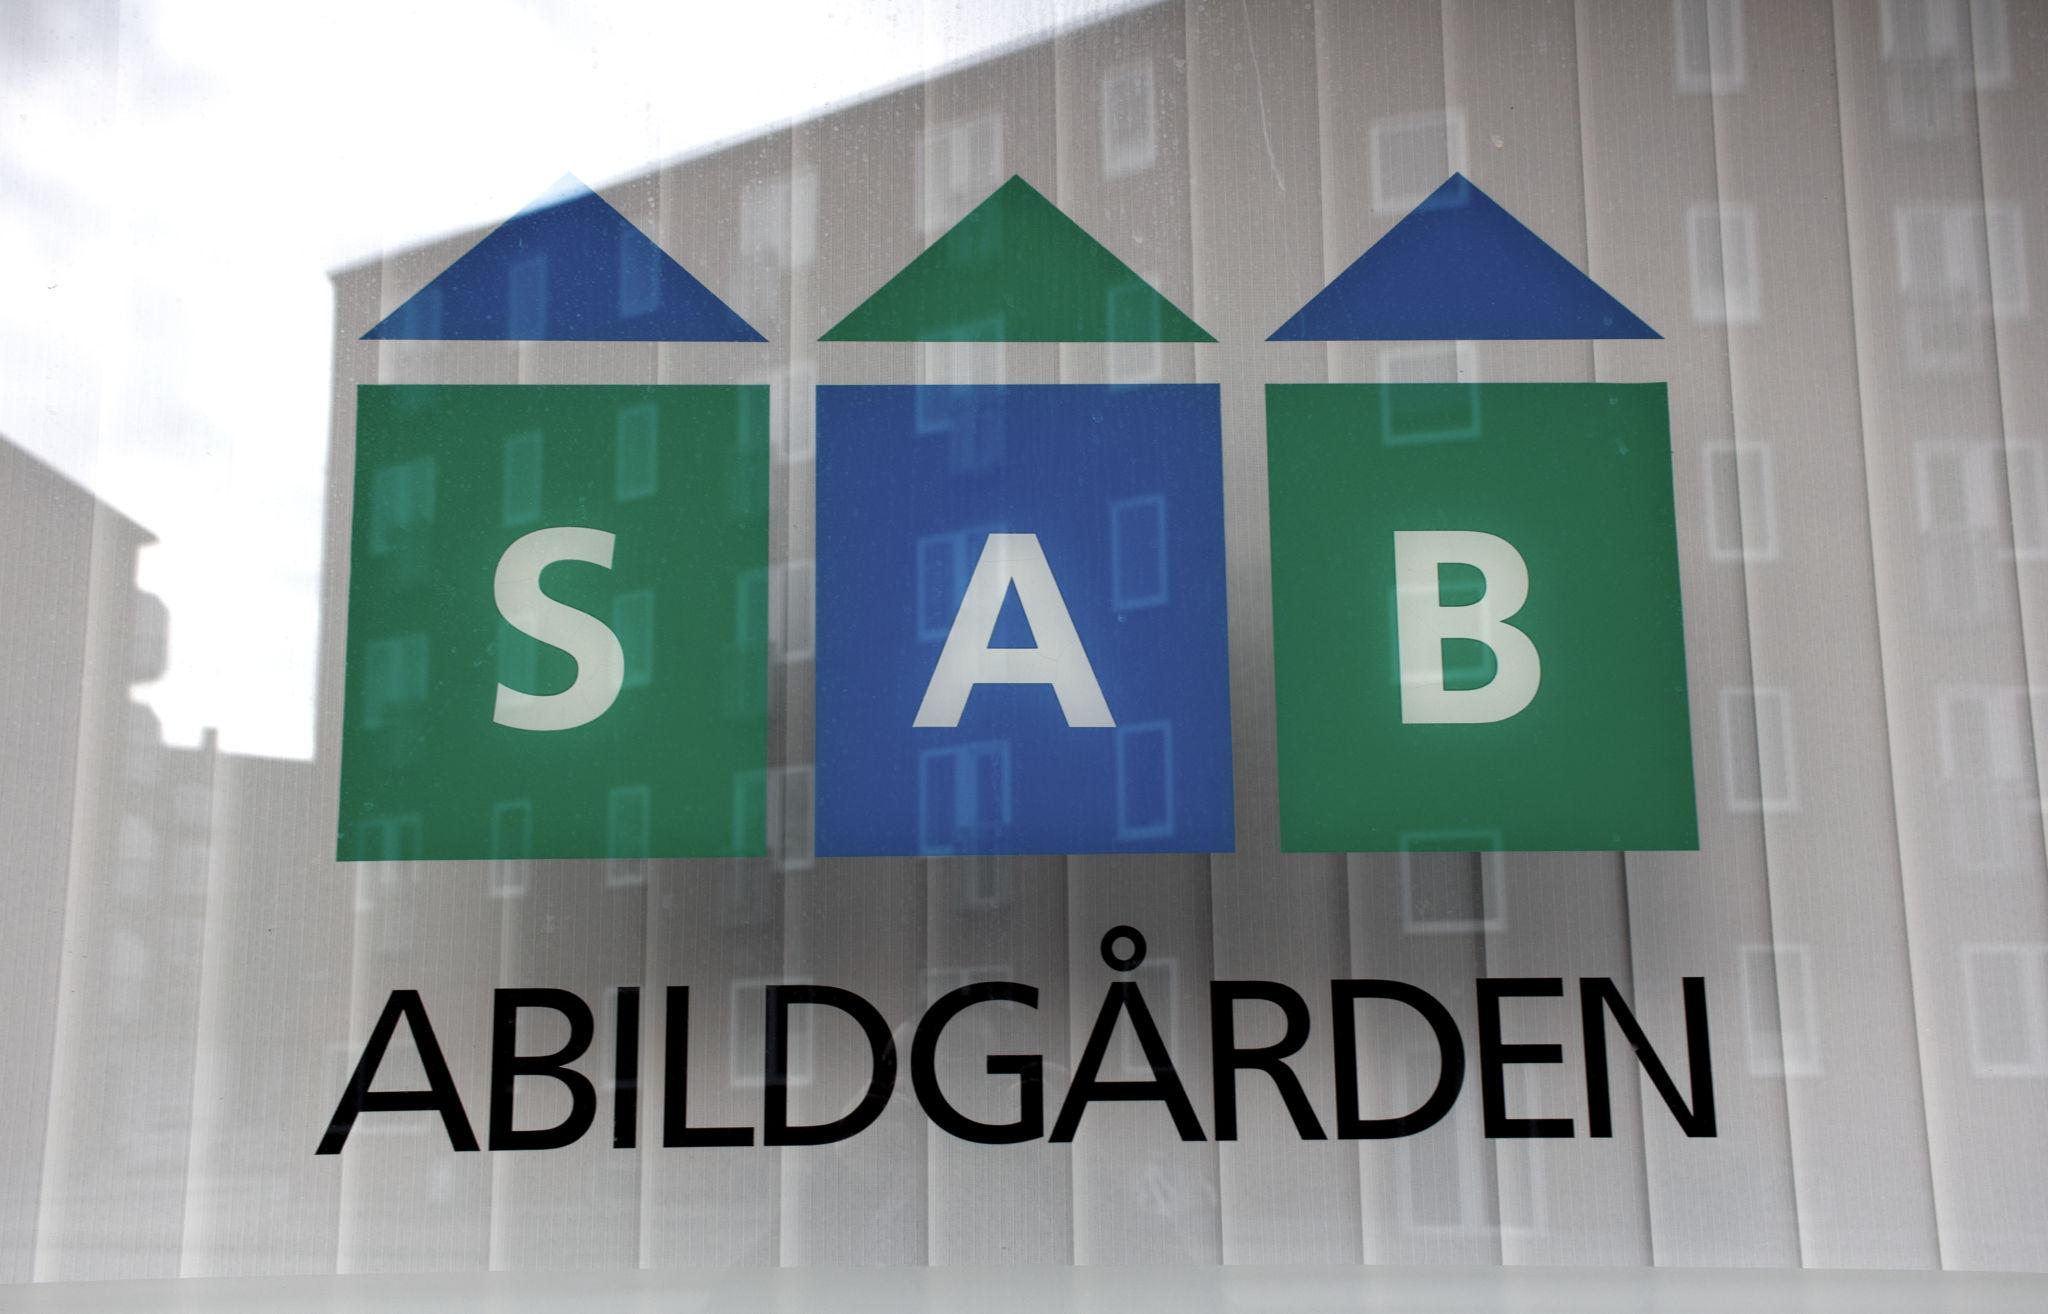 Abildgaard 4